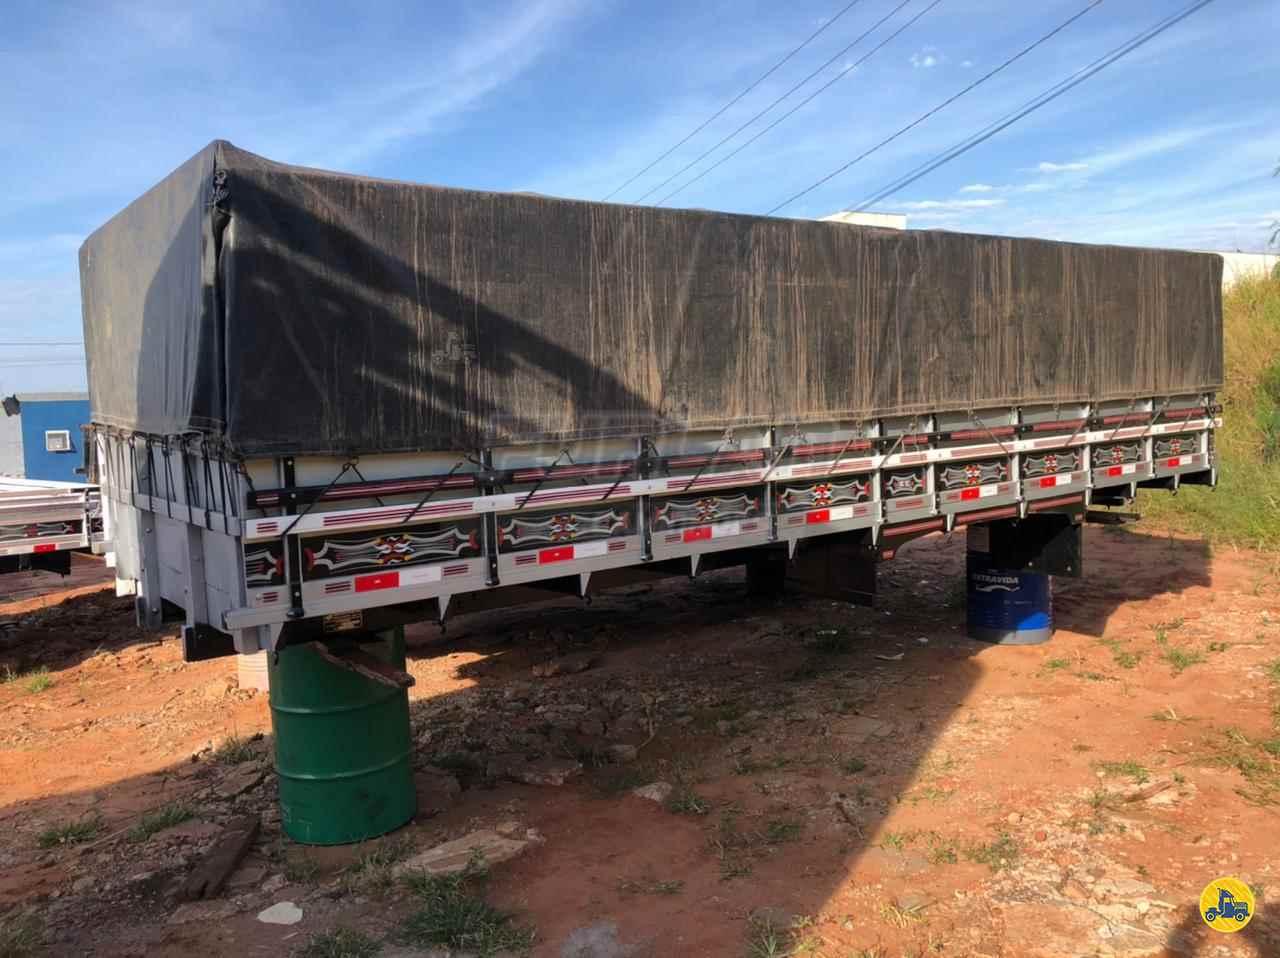 CARROCERIA SOBRE CHASSI  CAMINHAO 3/4 CARGA SECA Furlan Caminhões UMUARAMA PARANÁ PR